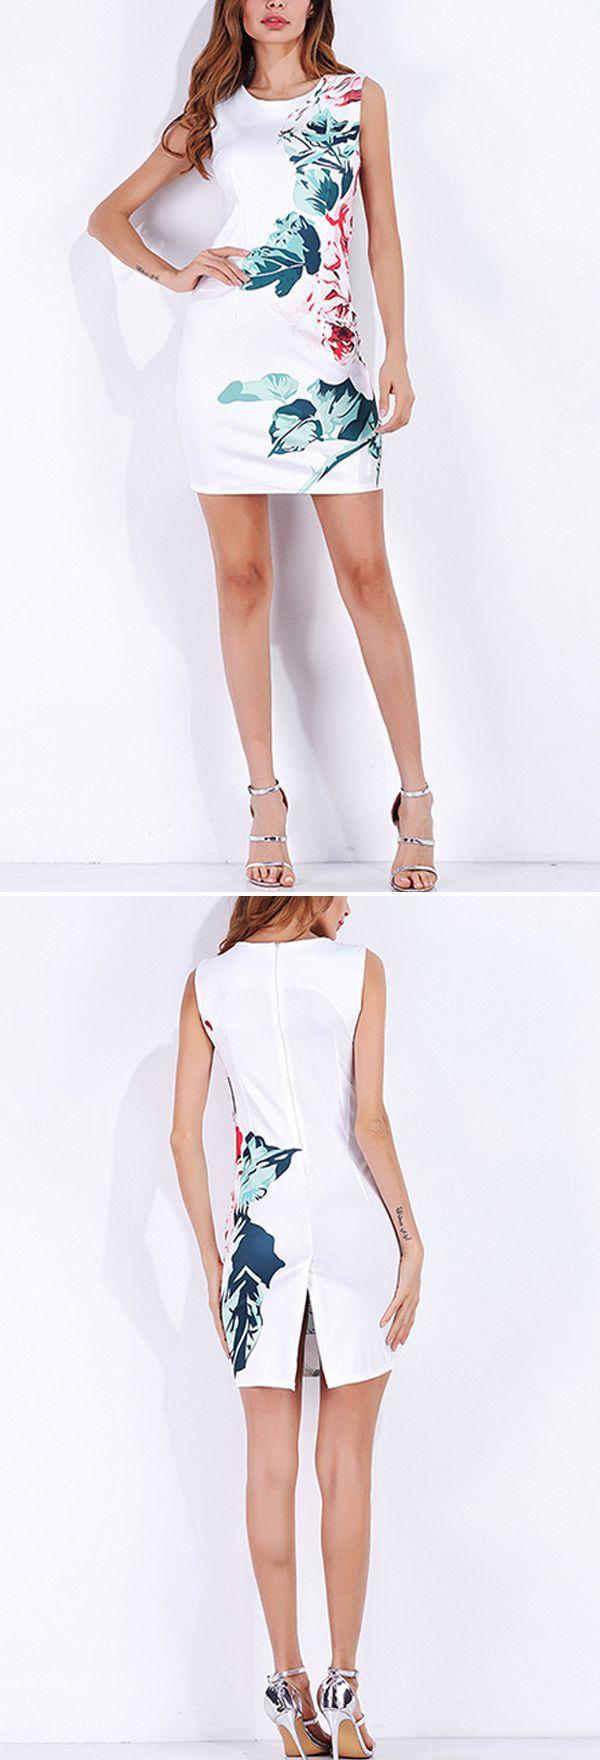 US$23.38 Elegant Floral Print Bodycon Sleeveless O-neck Women Mini Dress